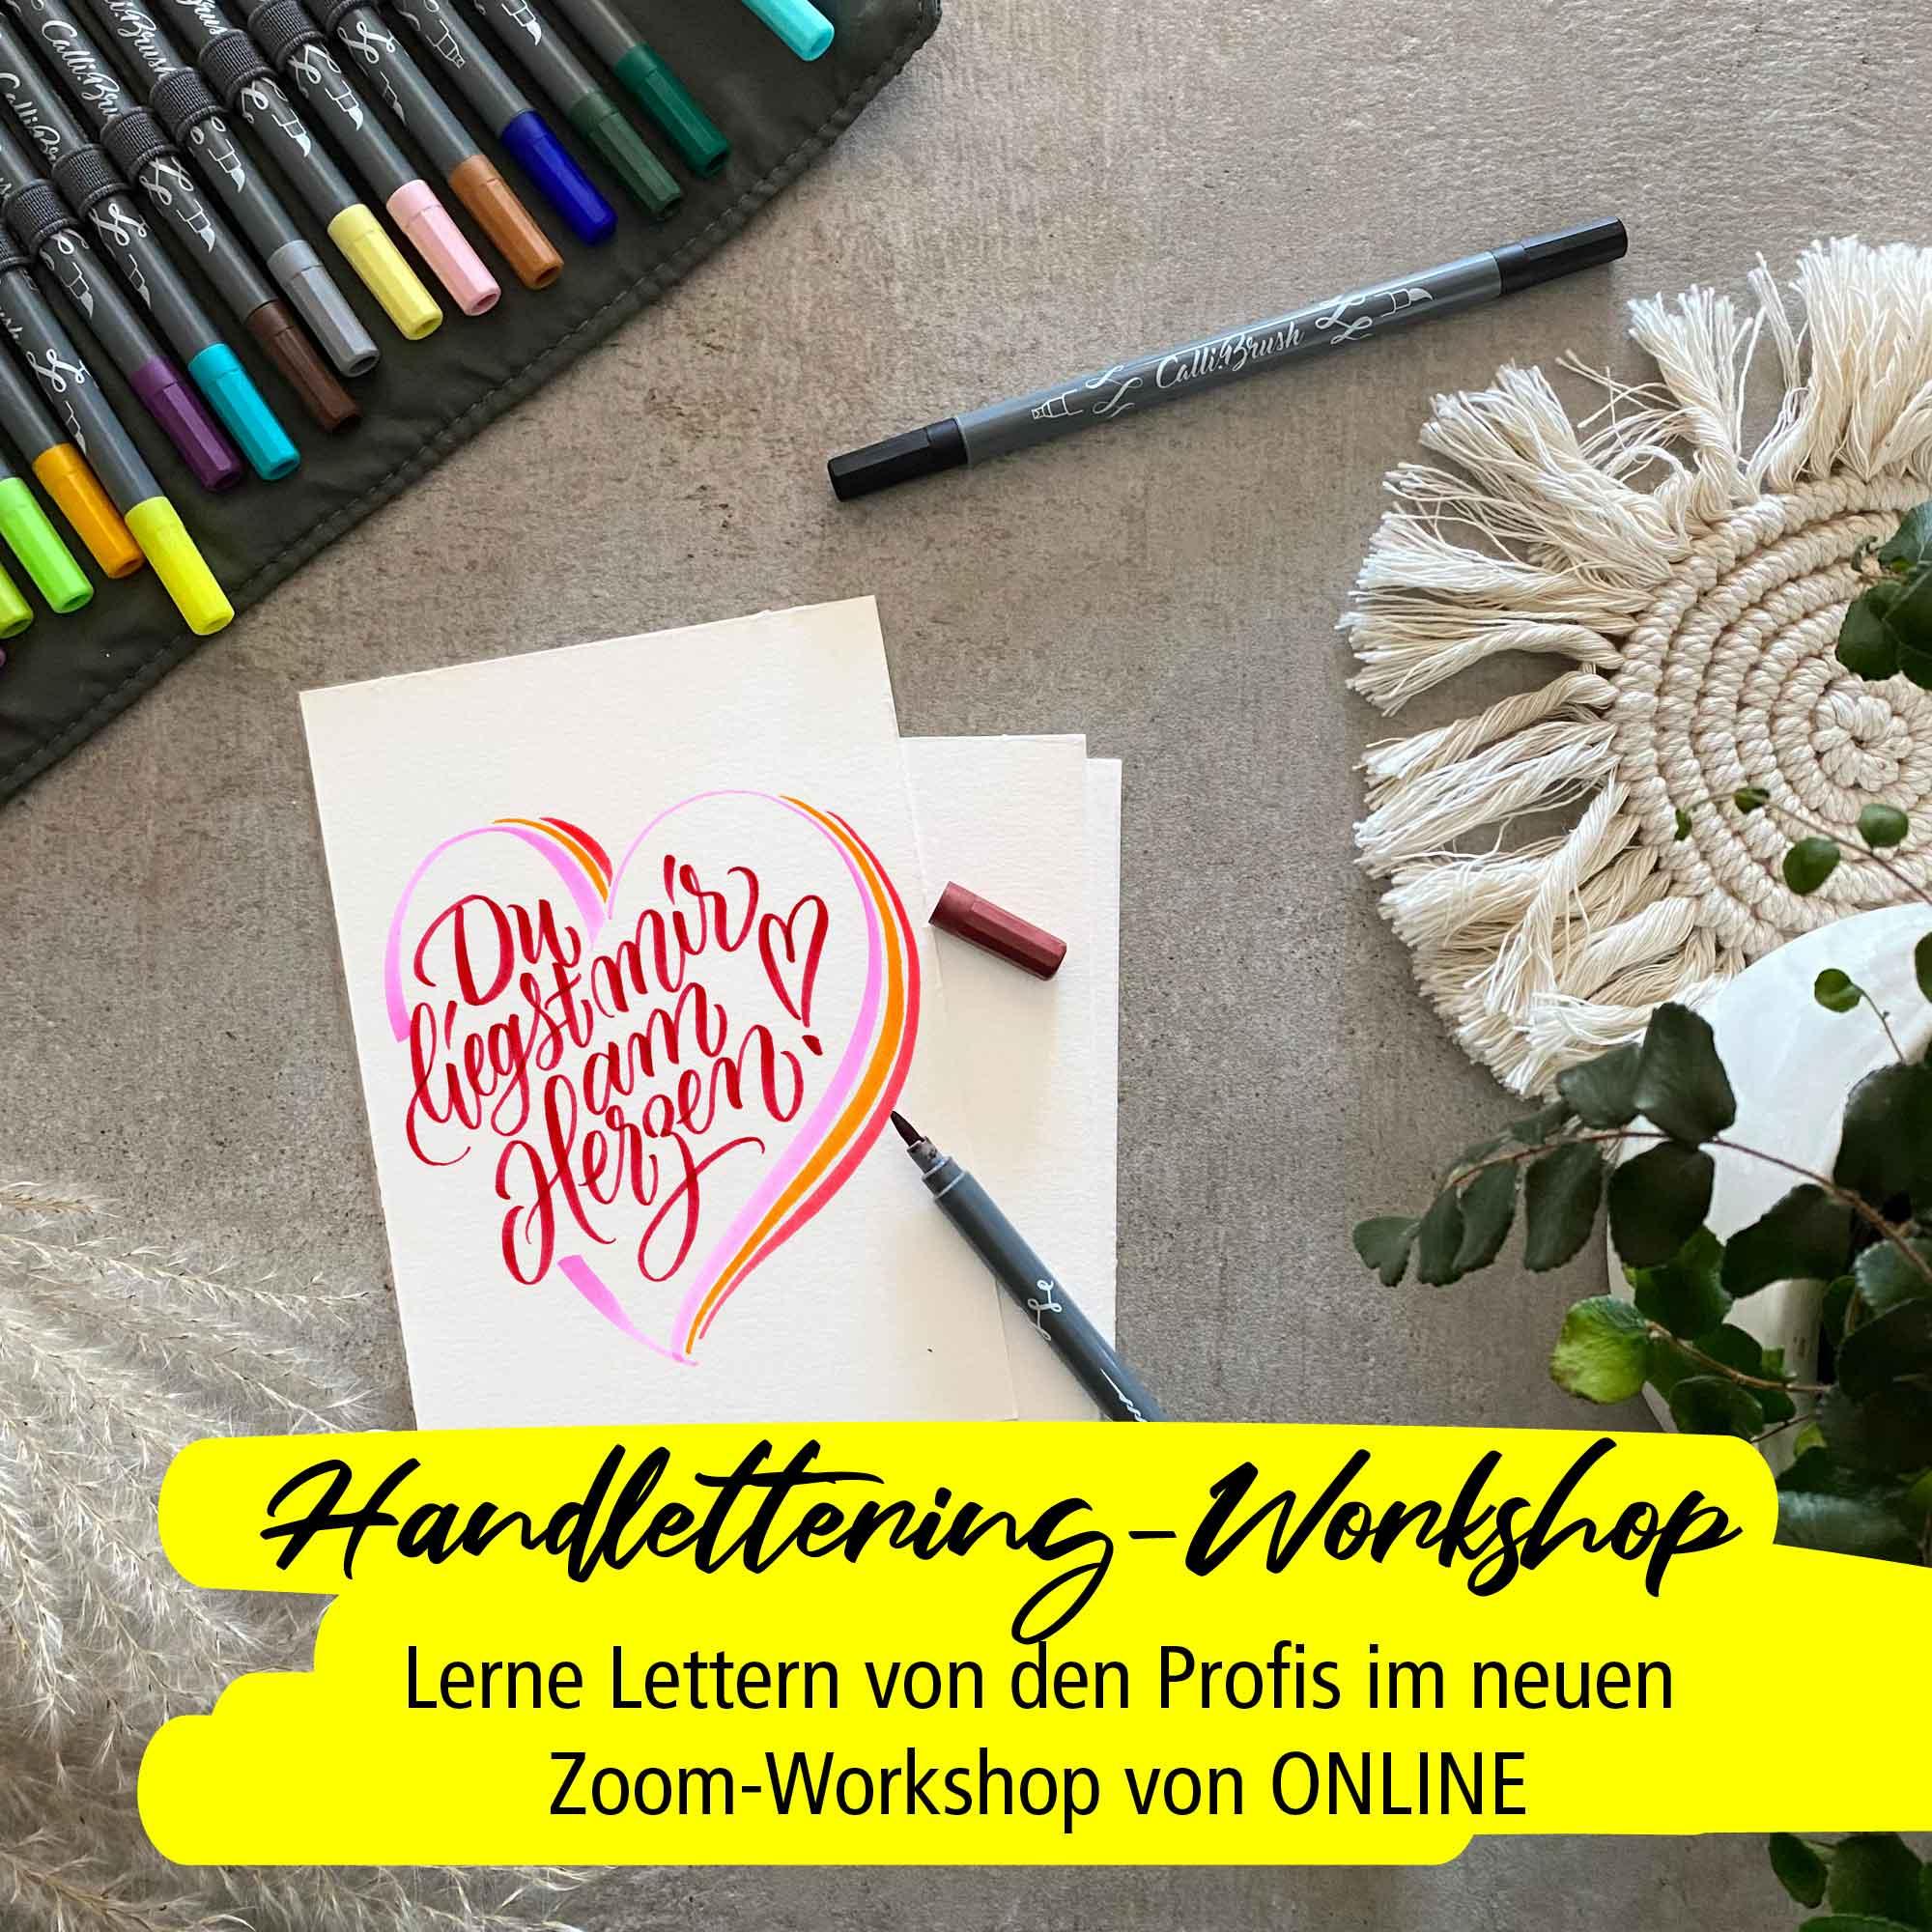 Handlettering-Workshop Einsteiger 17.03. um 18 Uhr